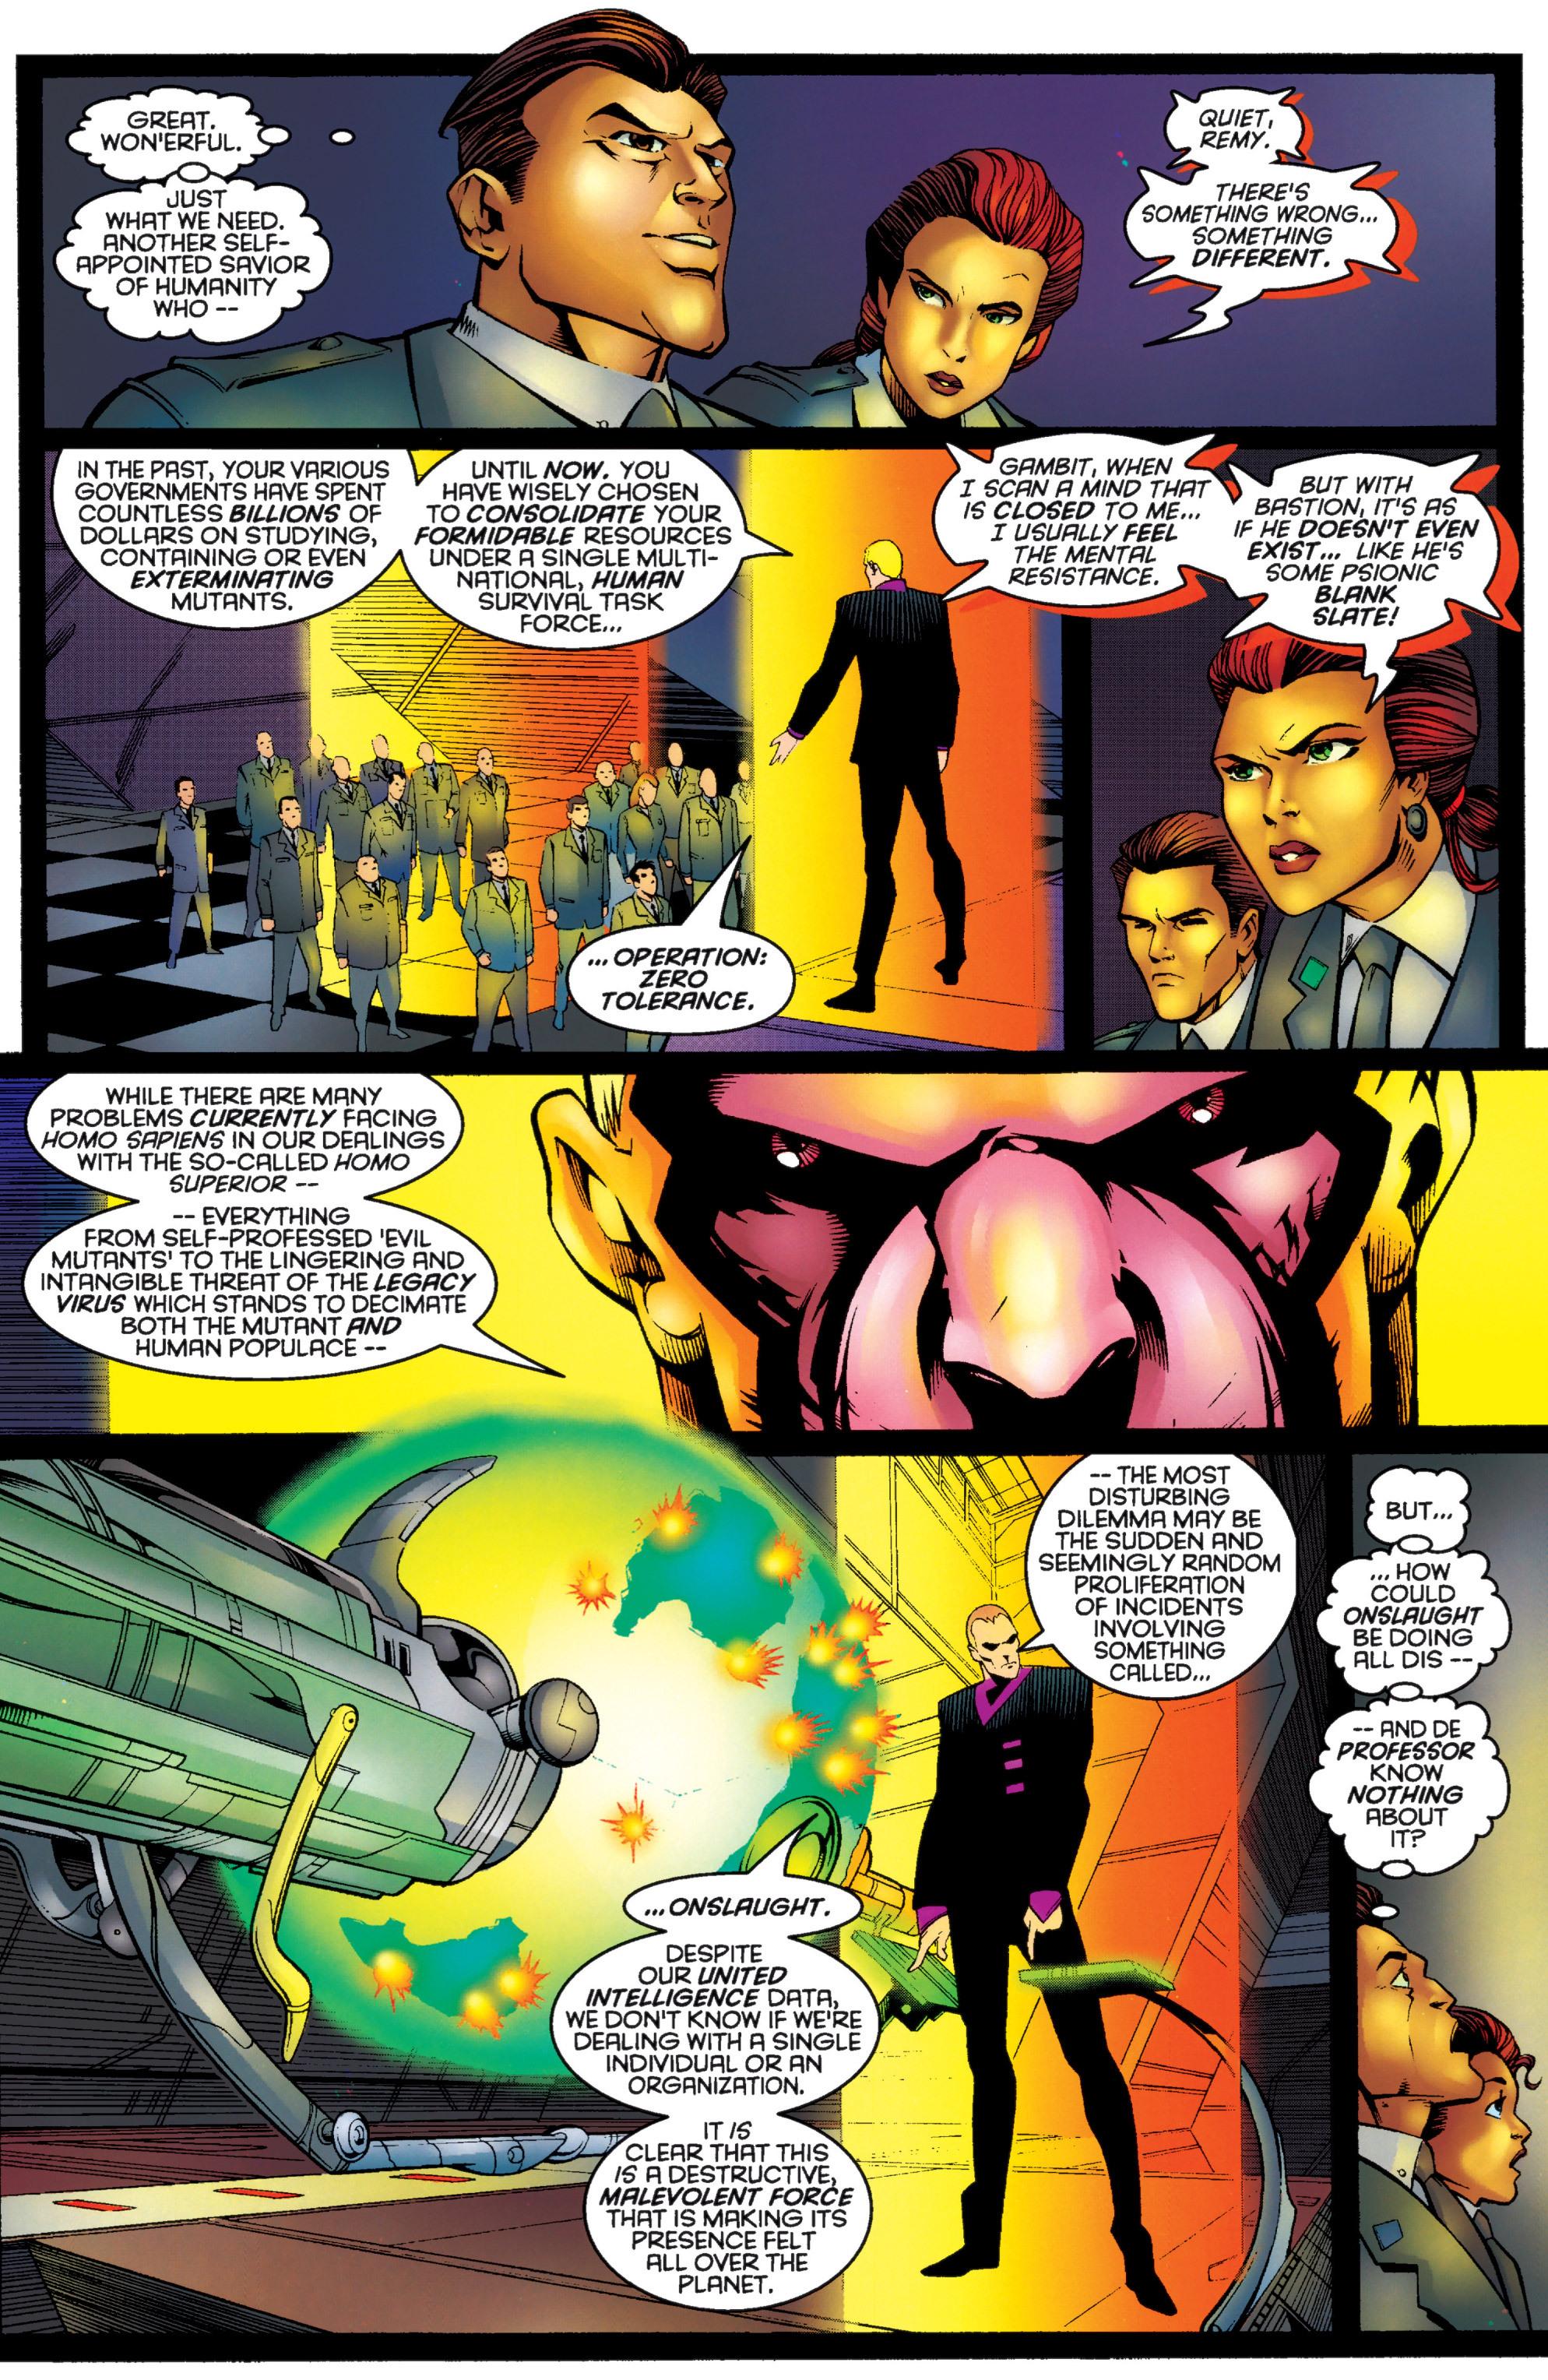 Read online Uncanny X-Men (1963) comic -  Issue #333 - 11